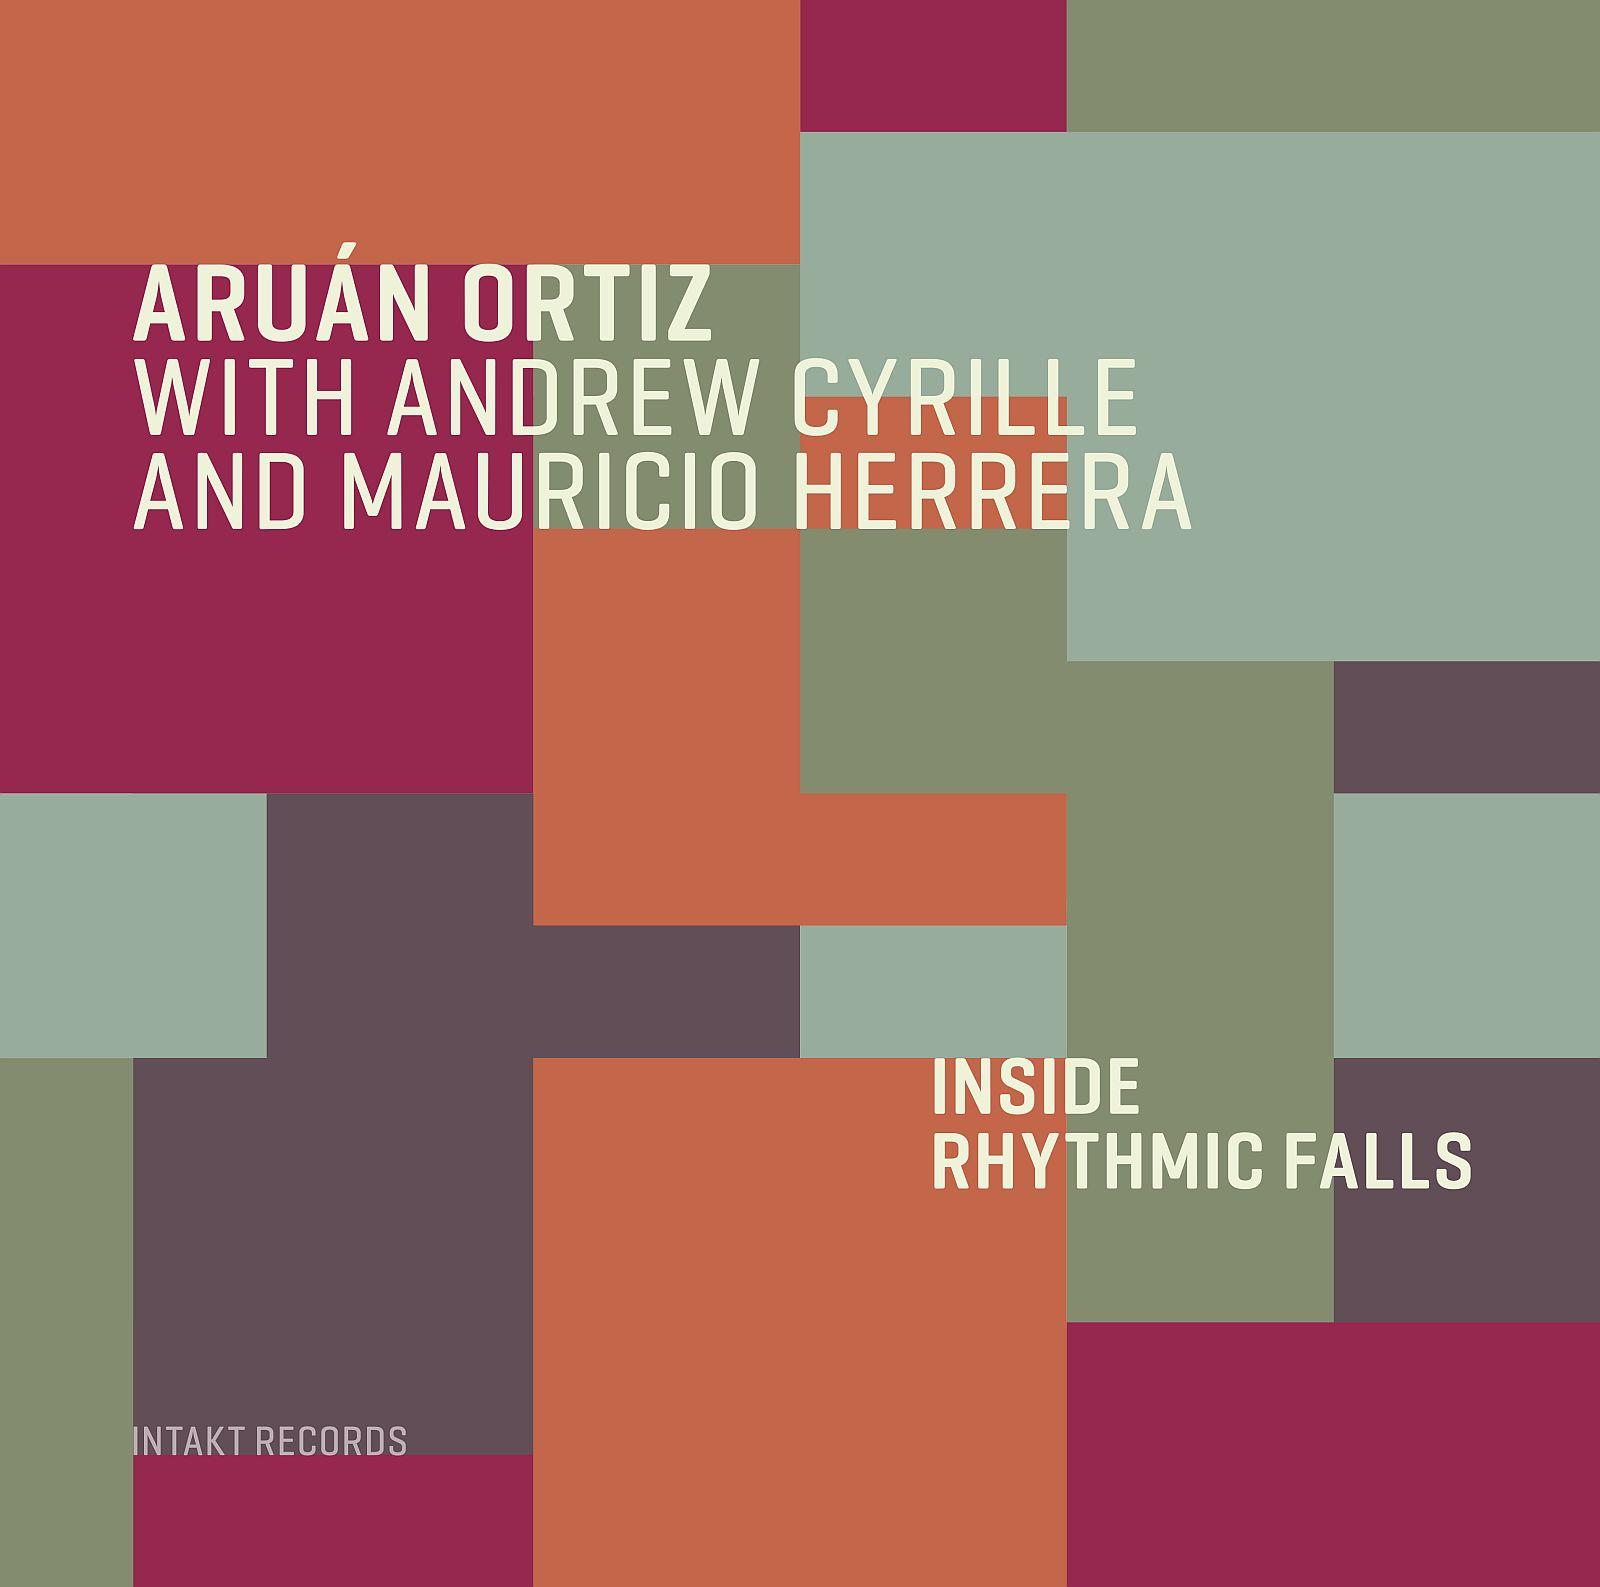 Aruán Ortiz INSIDE RHYTHMIC FALLS 1600pix_cover